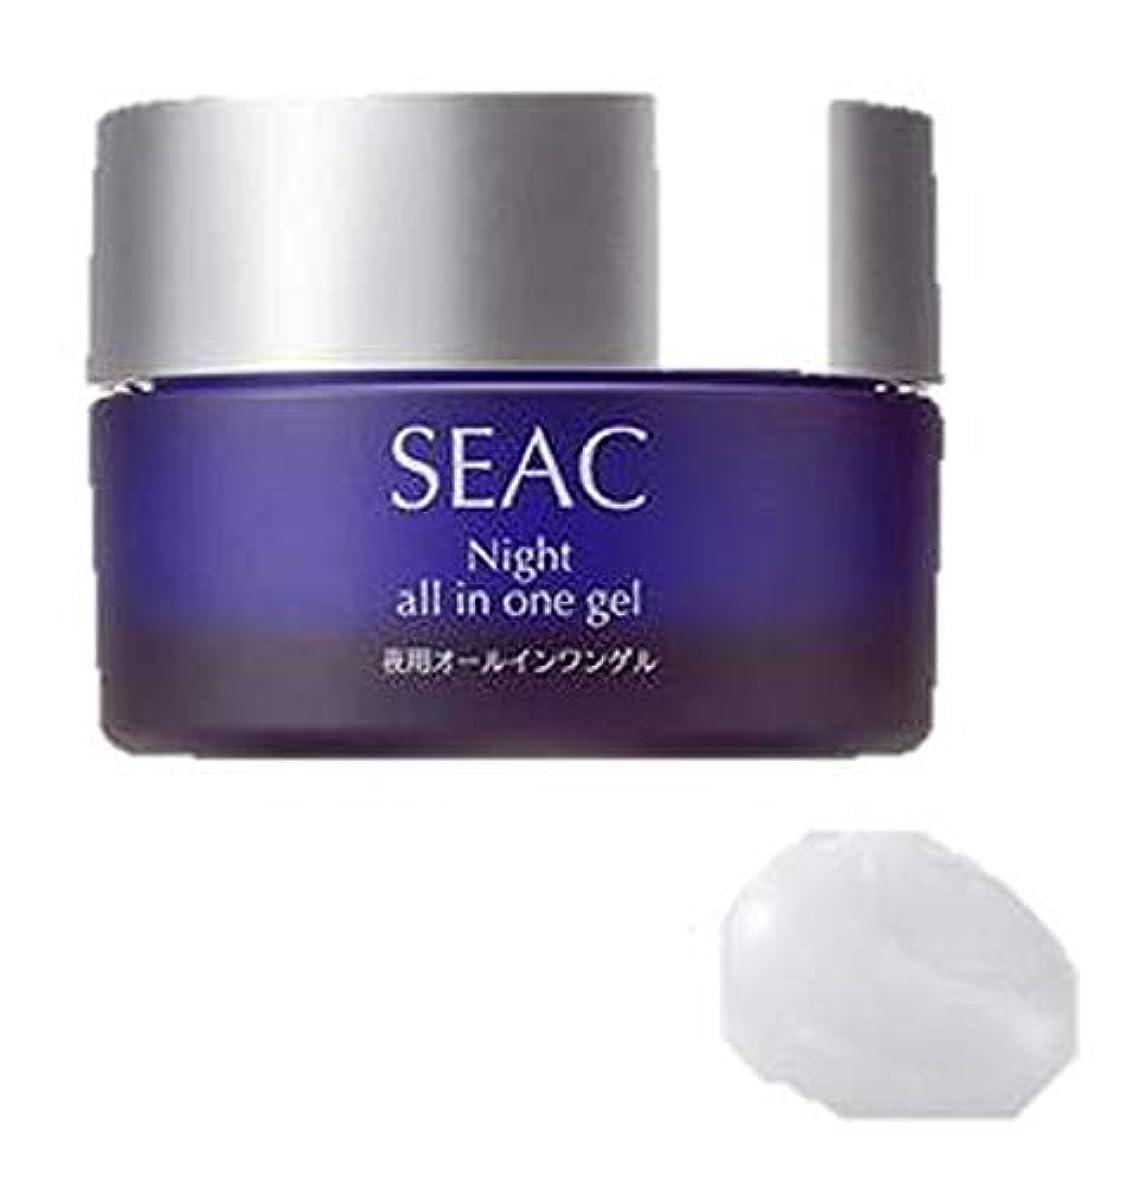 推測海洋責任者SEAC シーク 夜用 オールインワンゲル S <夜用保湿ゲルクリーム> 25g